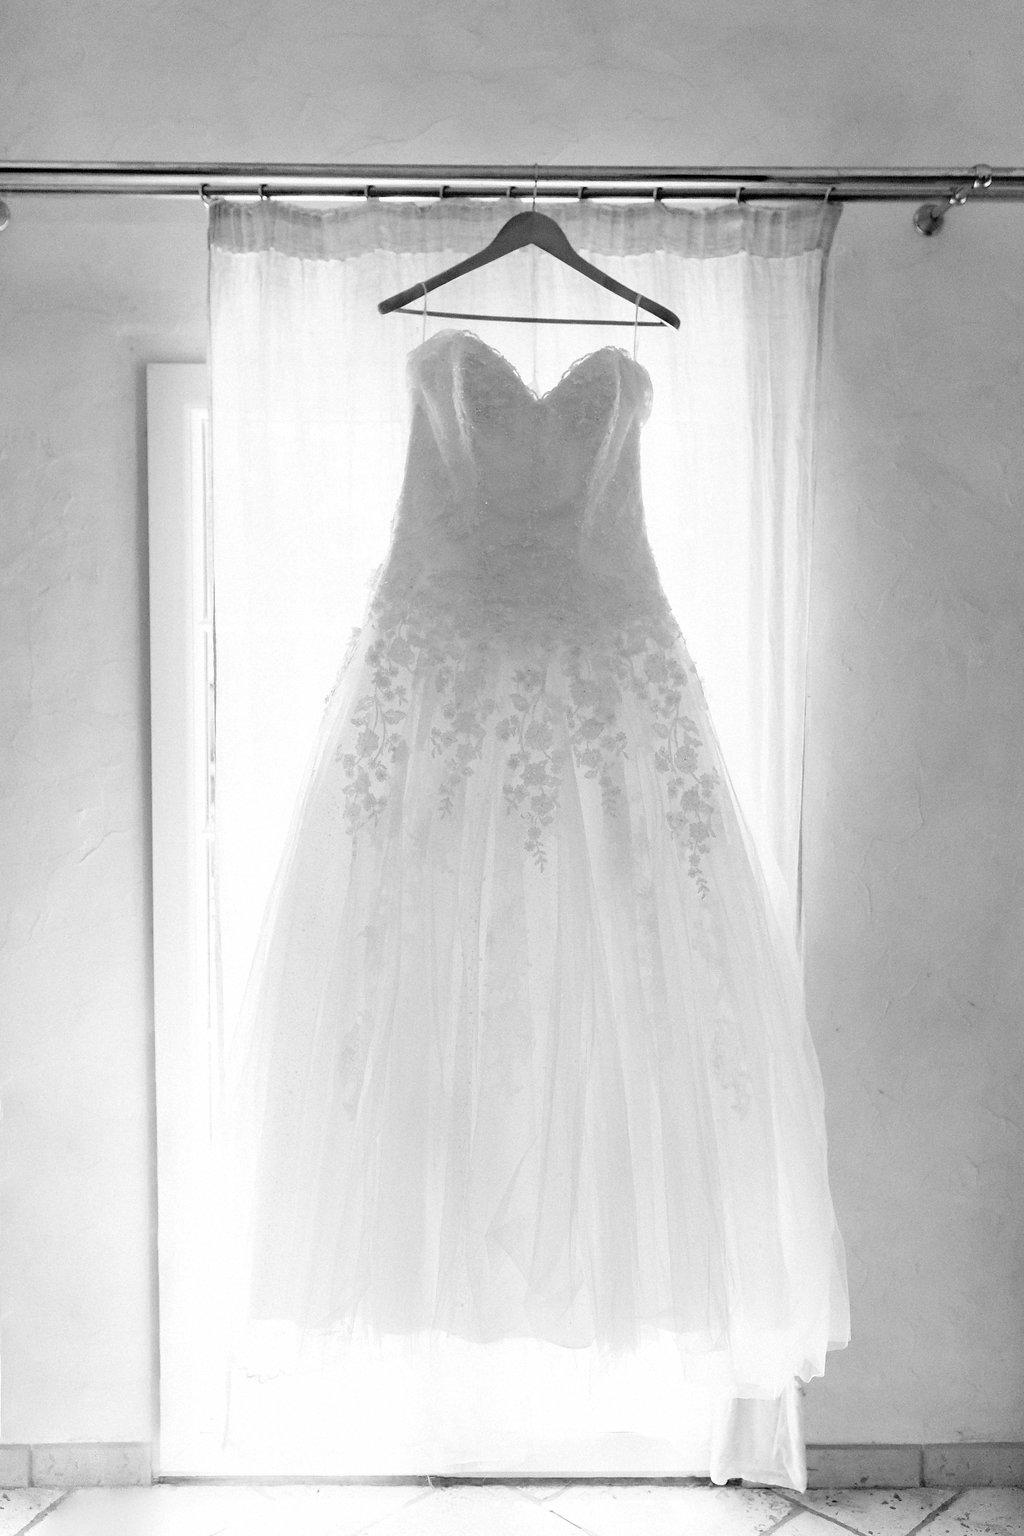 comment trouver sa robe de mariée ?